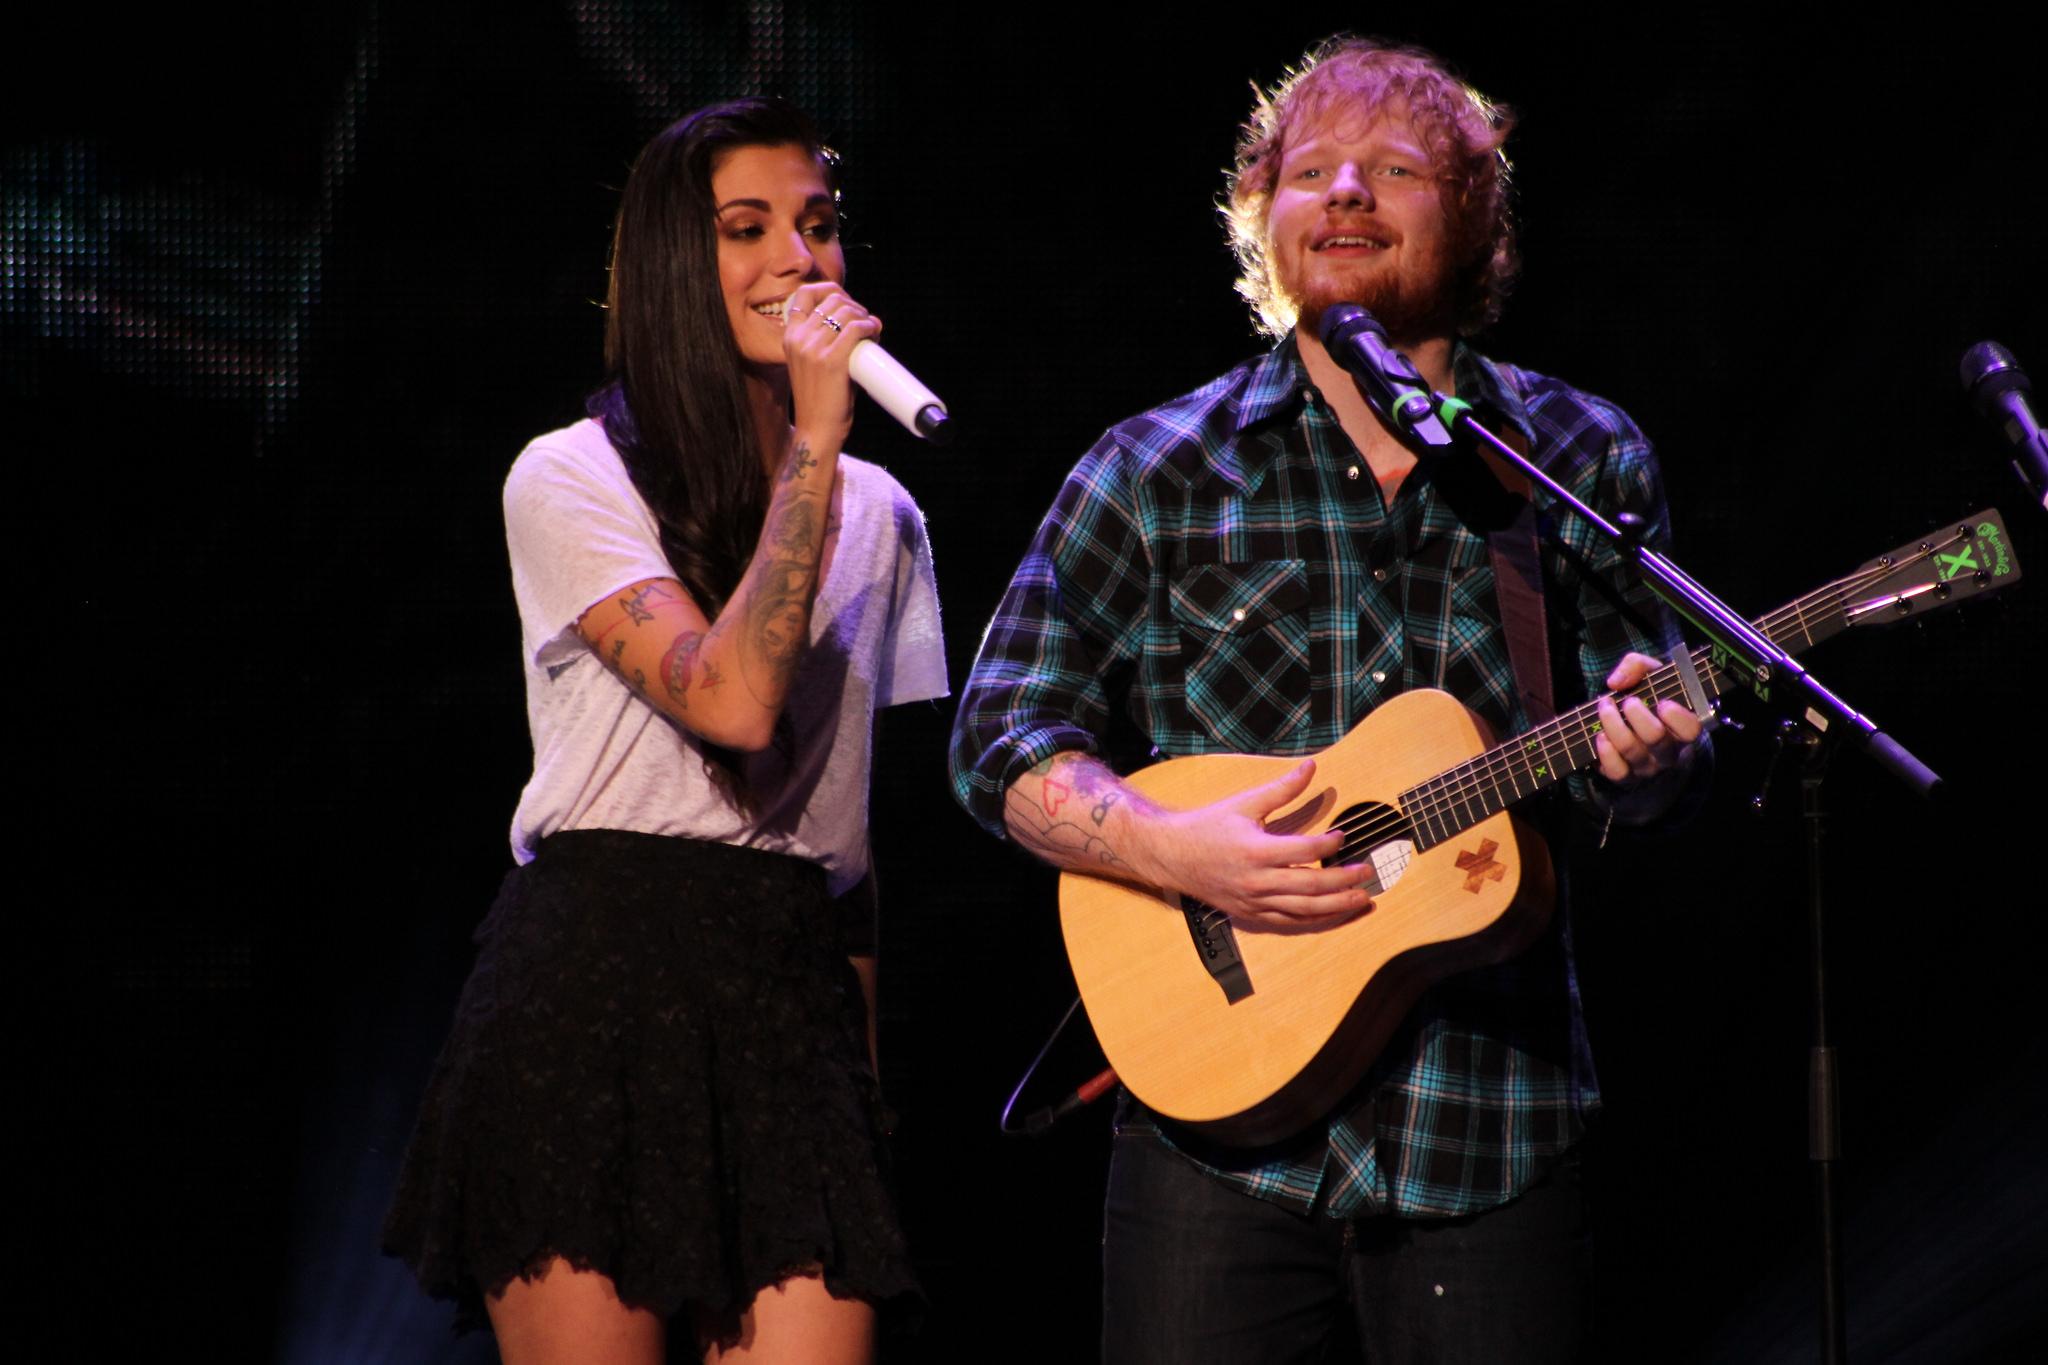 Christina perri and ed sheeran dating